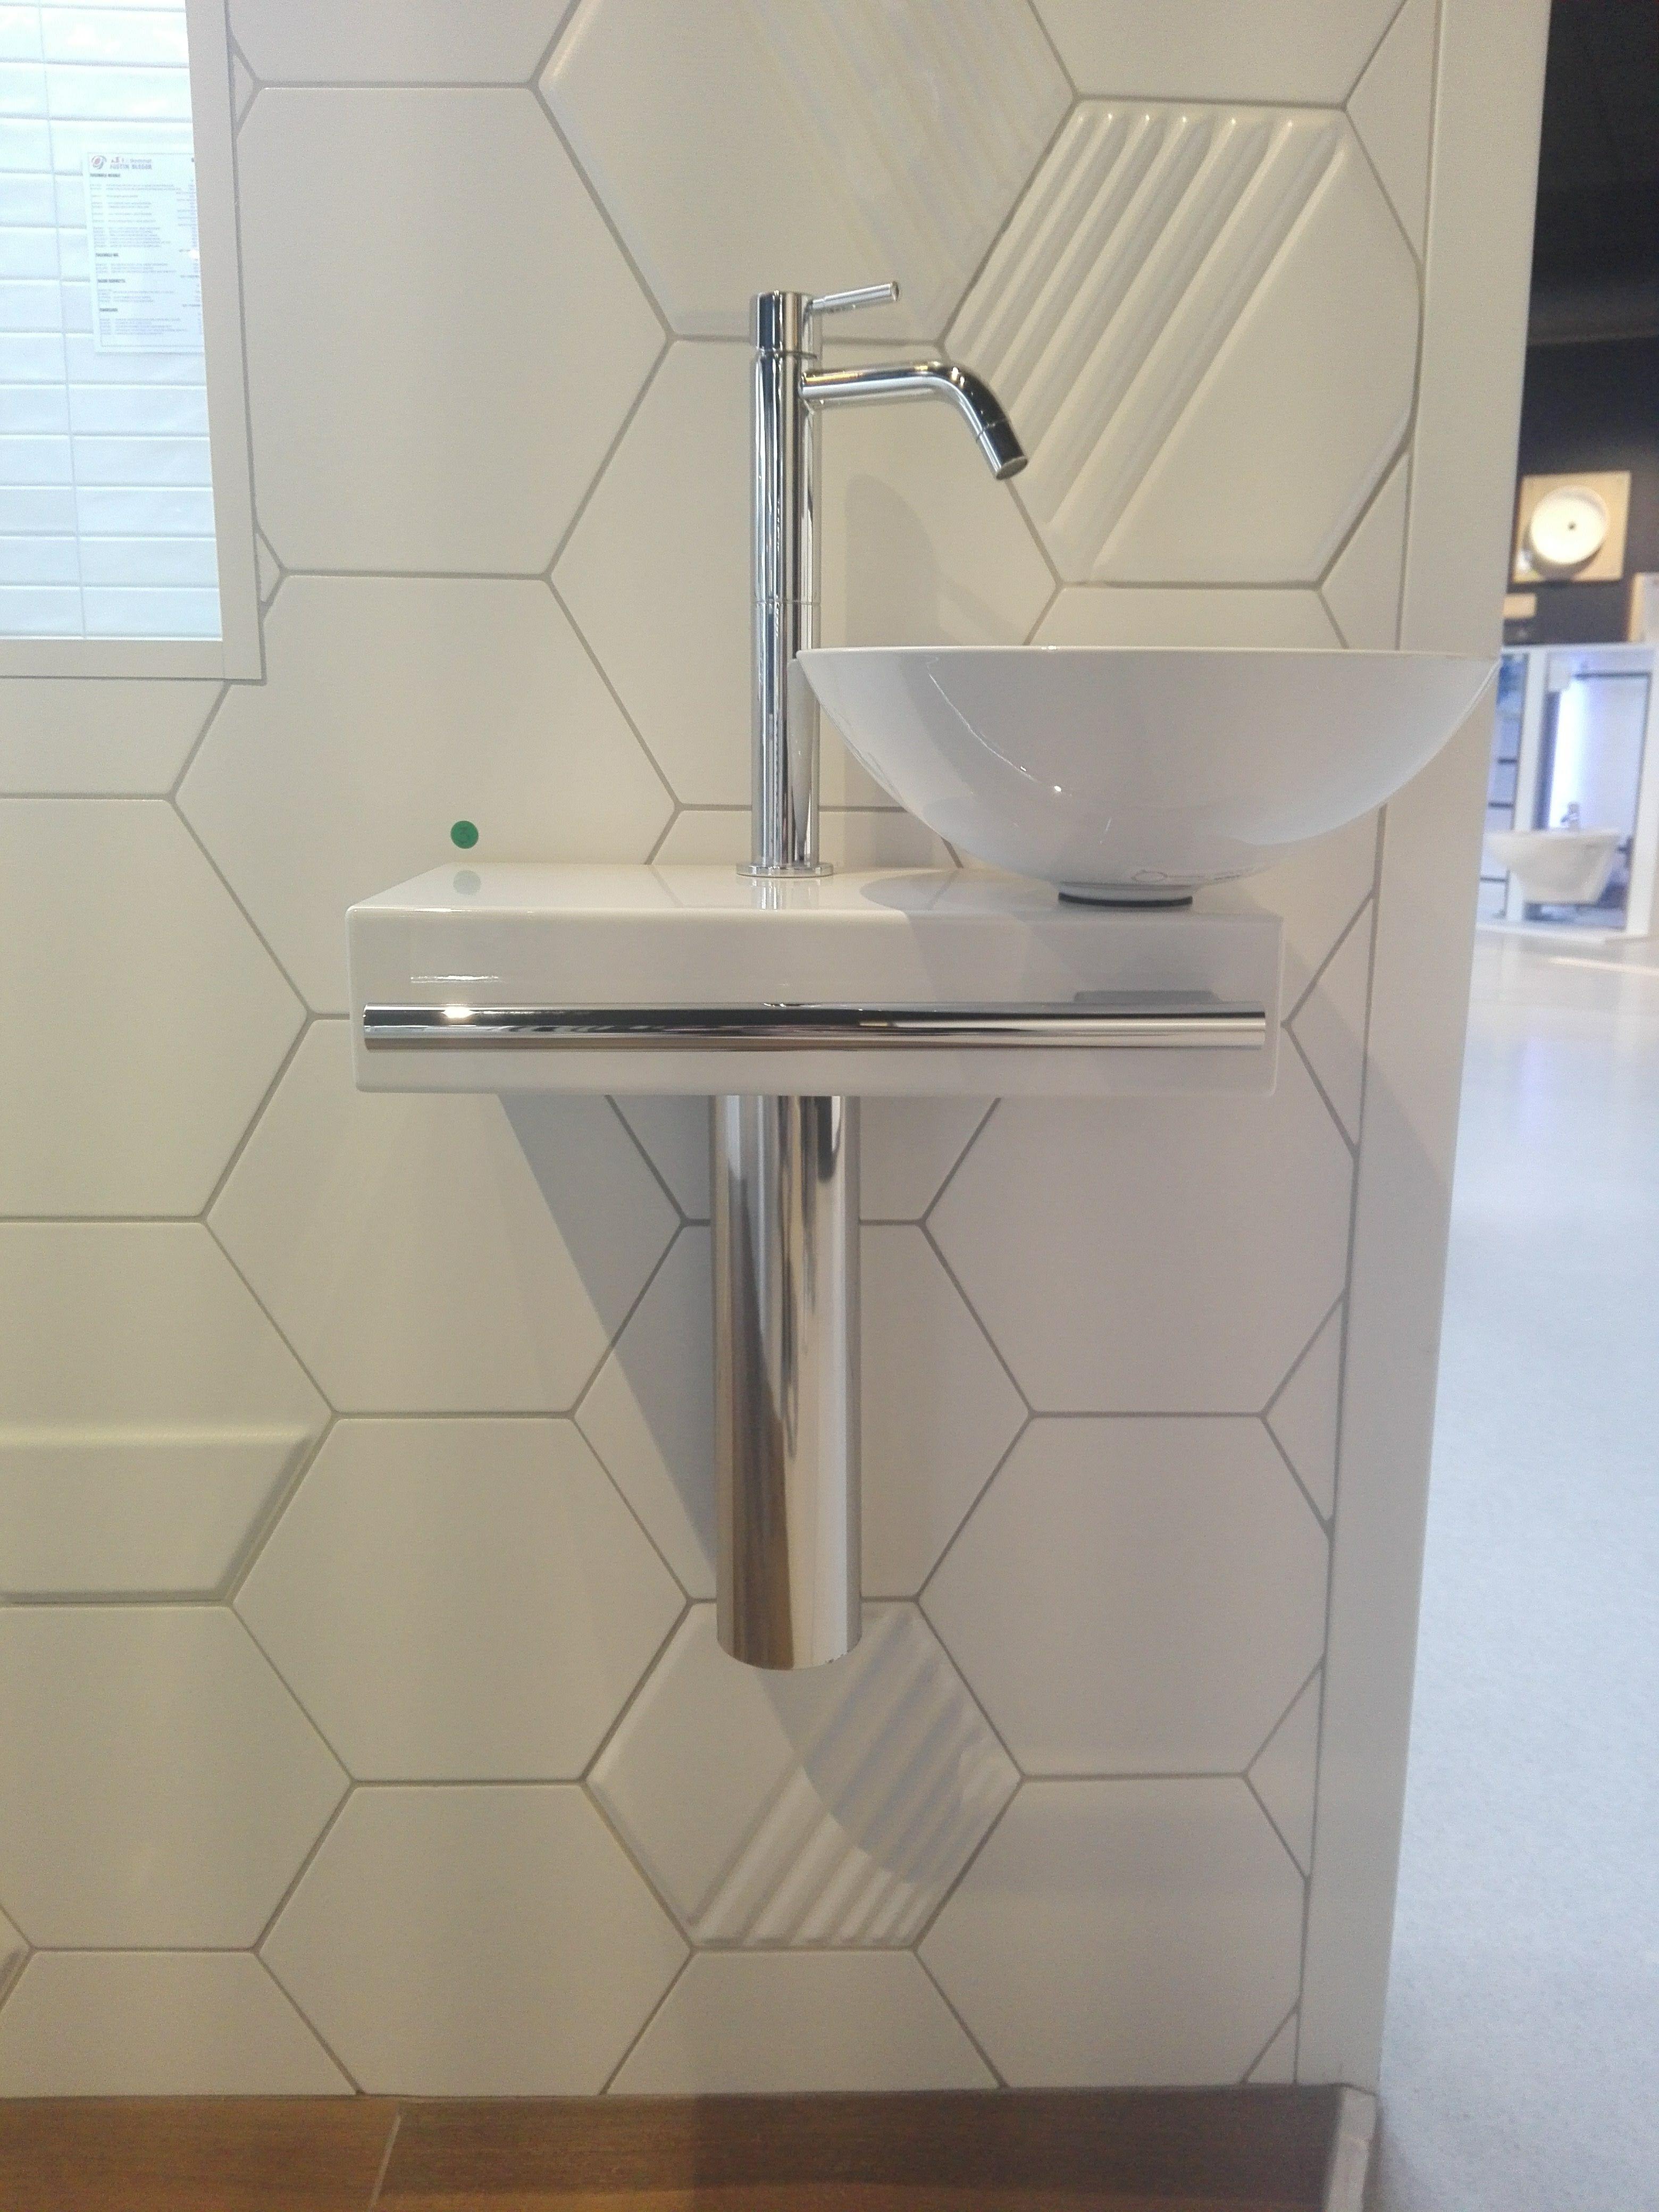 Toilette Gain De Place picolo, le lave-mains gain de place à -40 % dans la salle d